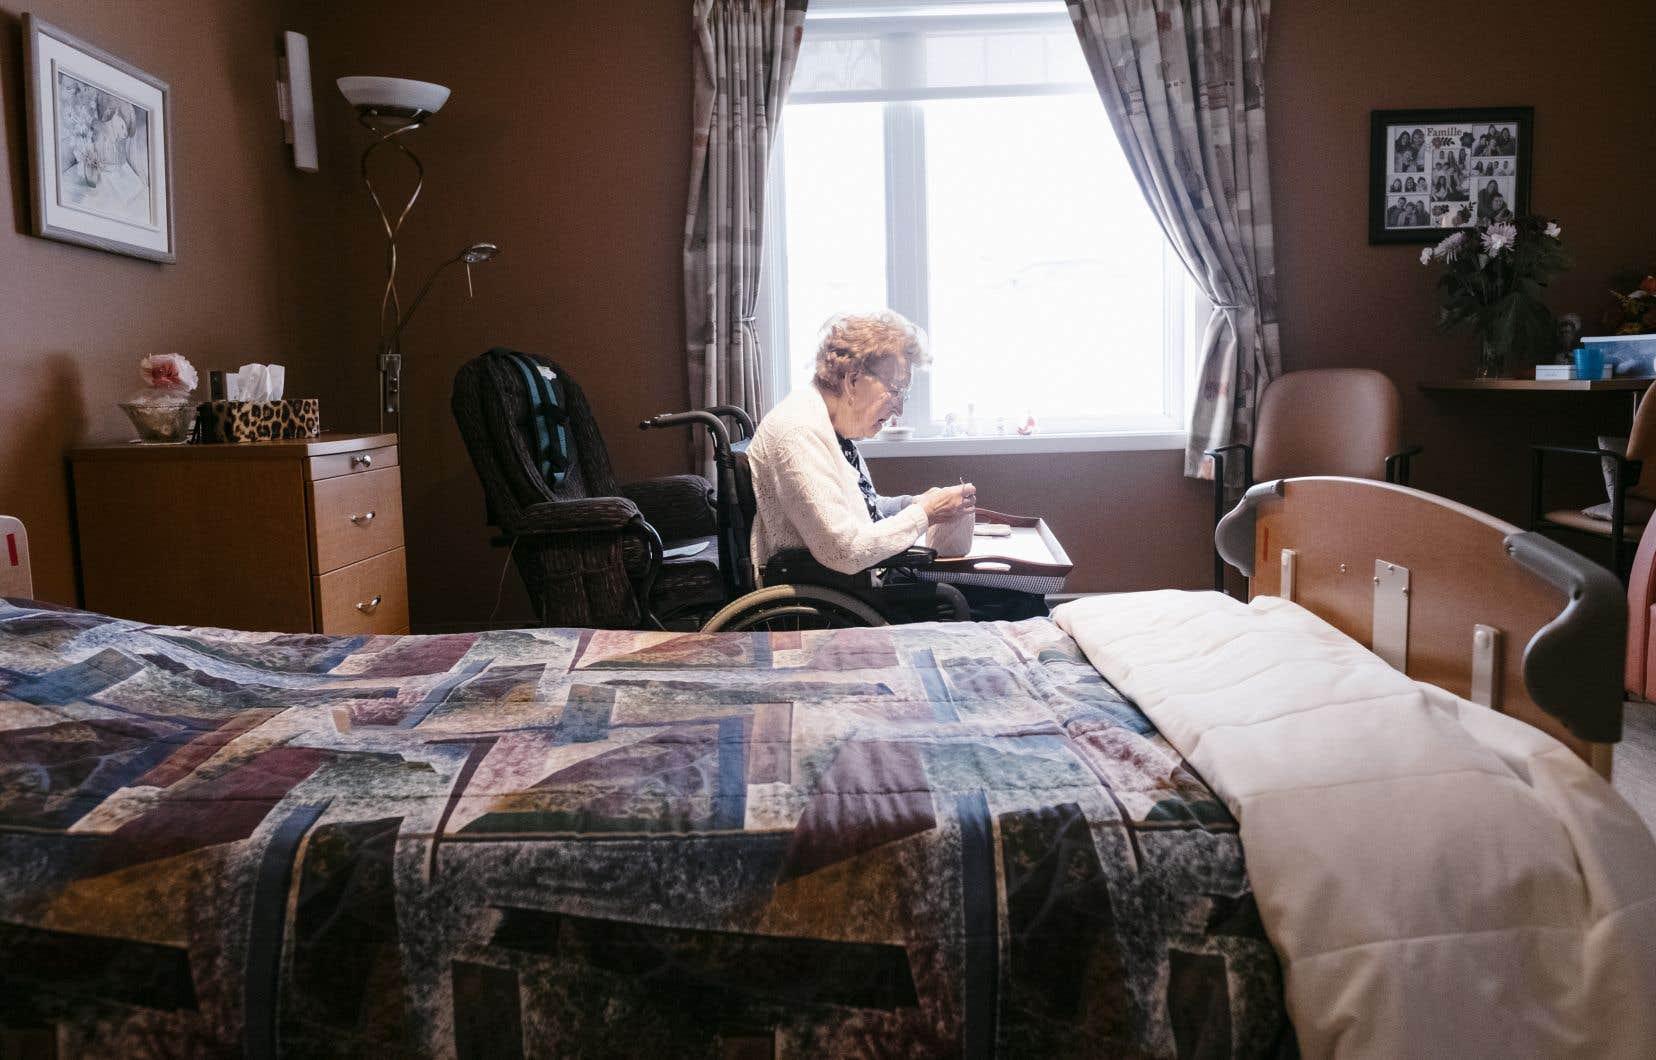 «Les résidences privées pour aînés autonomes et semi-autonomes prolifèrent au Québec parce qu'il y a peu de solutions qui s'offrent aux personnes âgées qui souhaitent demeurer chez elles, tout en n'ayant pas la charge d'une propriété privée», écrivent les auteurs.